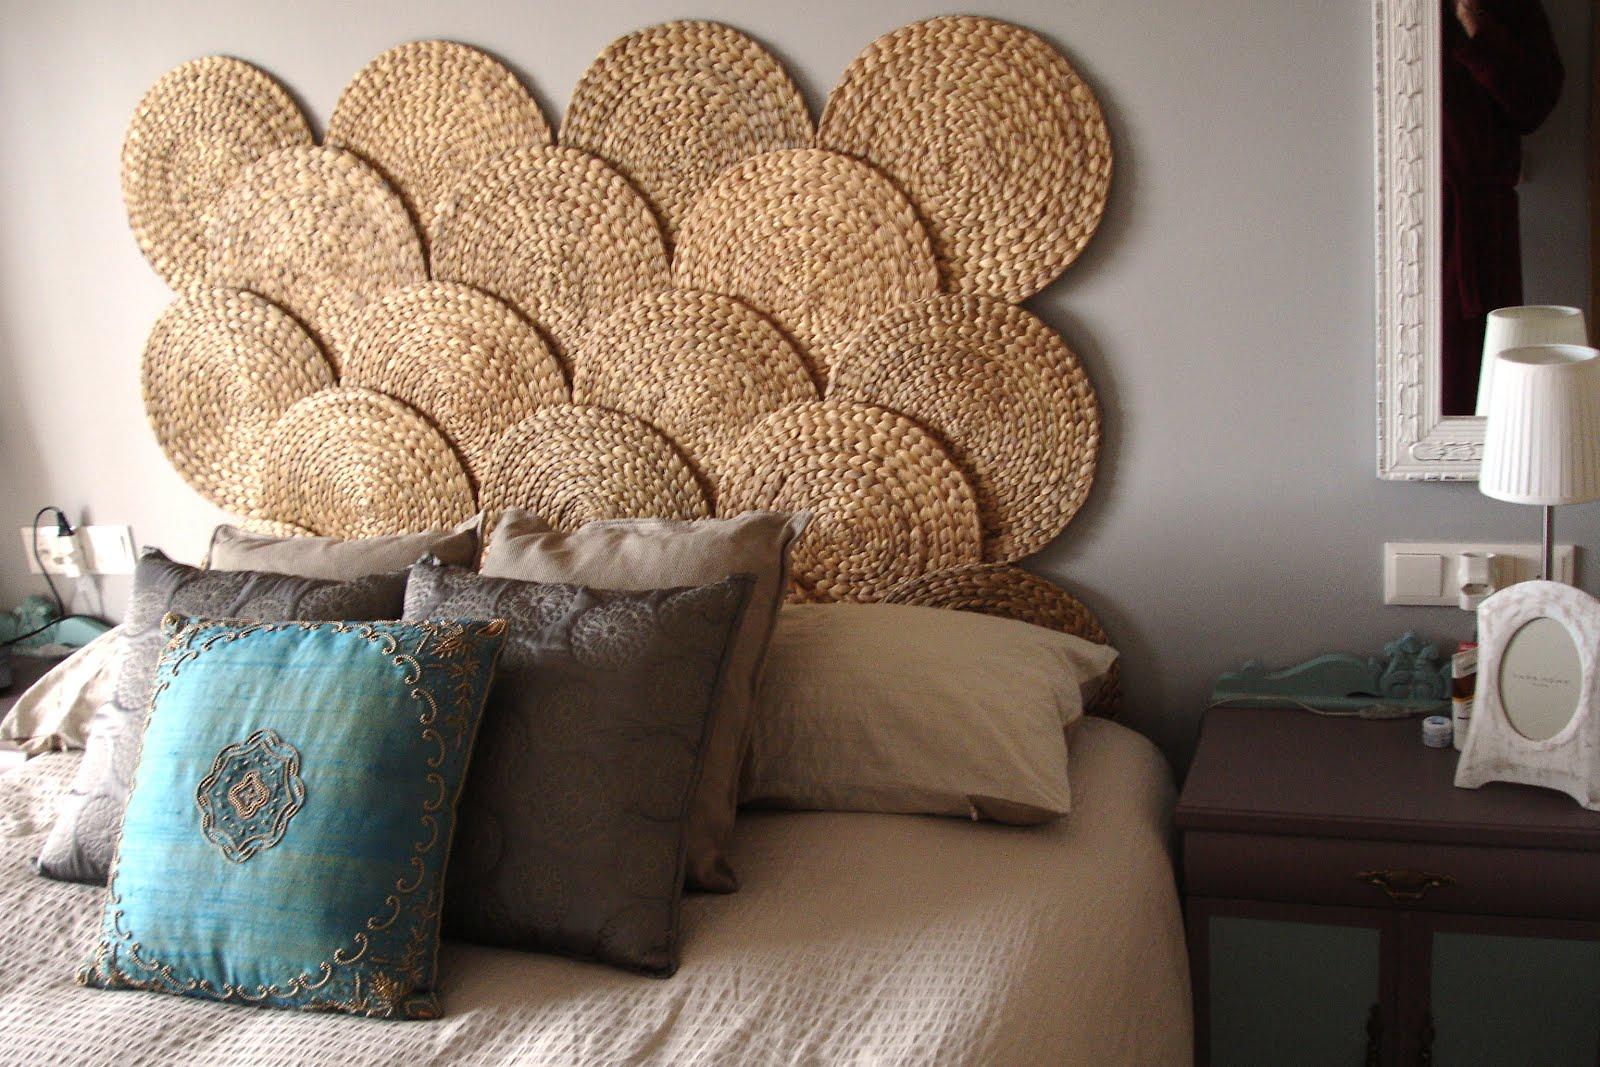 Daves Loft Cabeceros De Cama Originales - Como-hacer-cabeceros-de-cama-originales